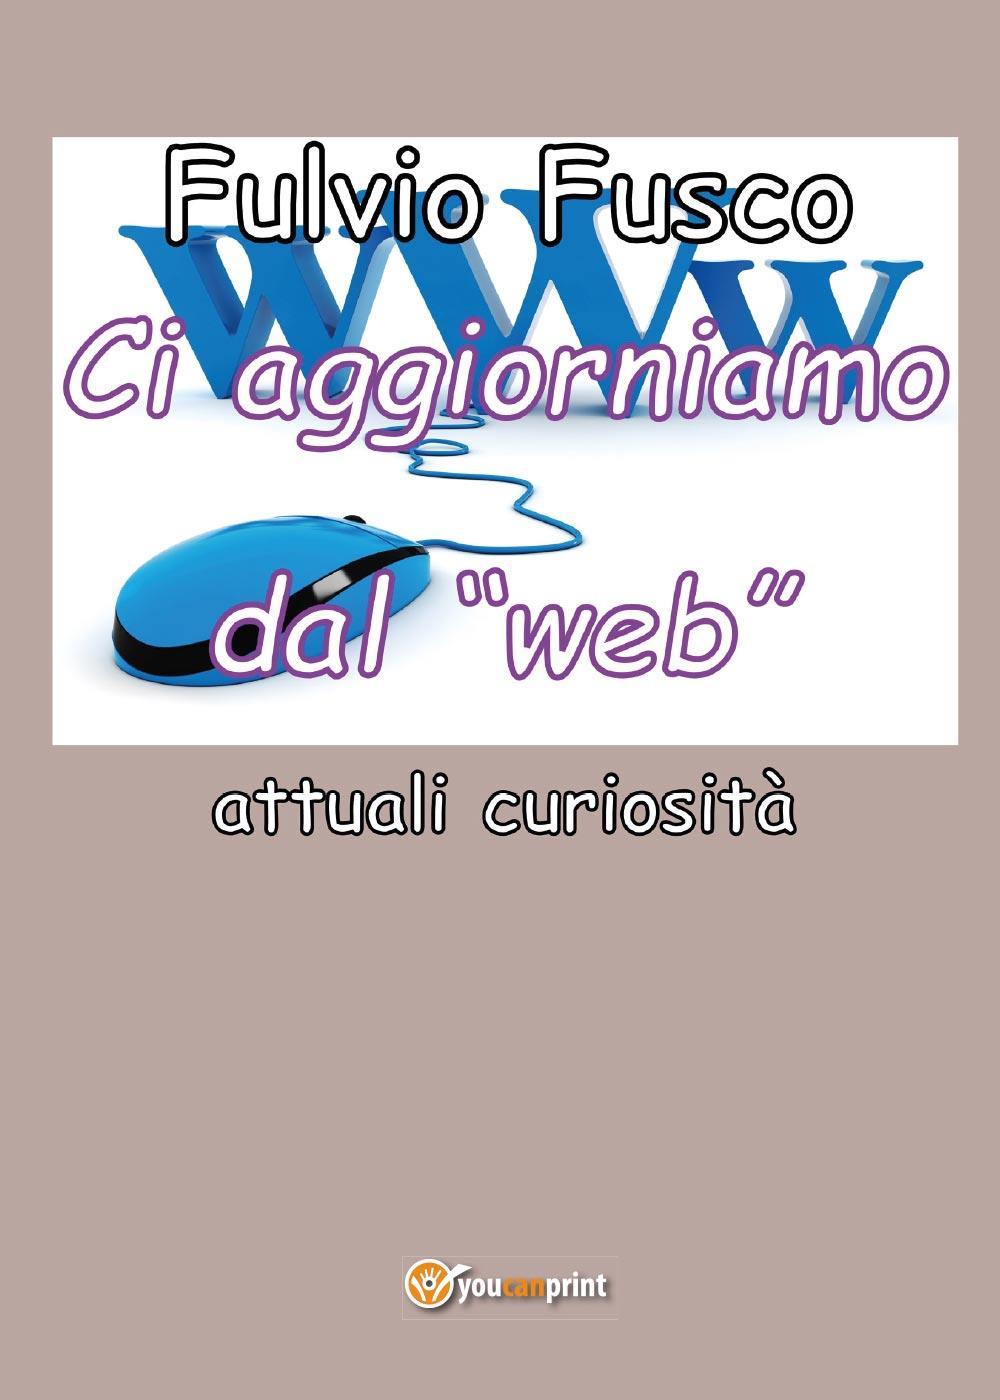 """Ci aggiorniamo dal """"web"""""""